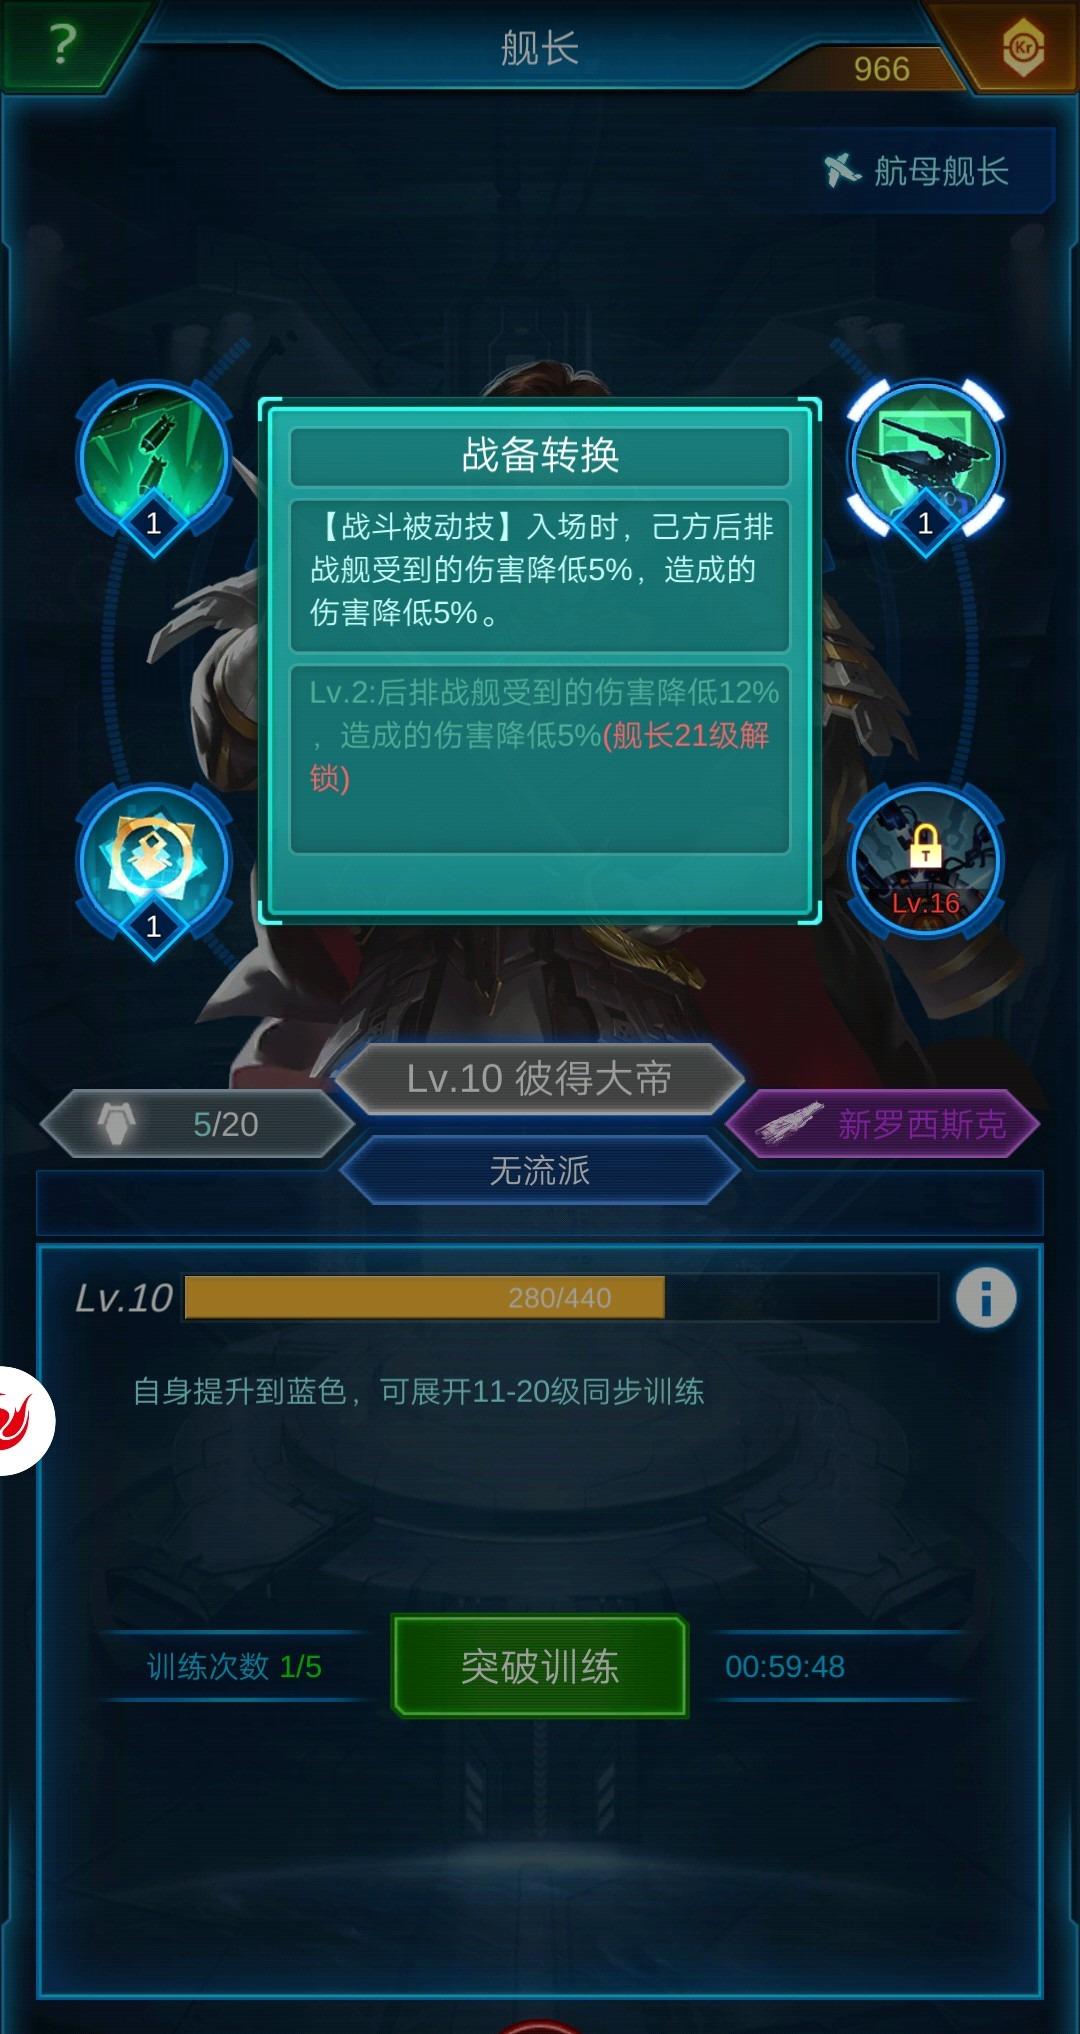 Screenshot_2020_0601_231312.jpg